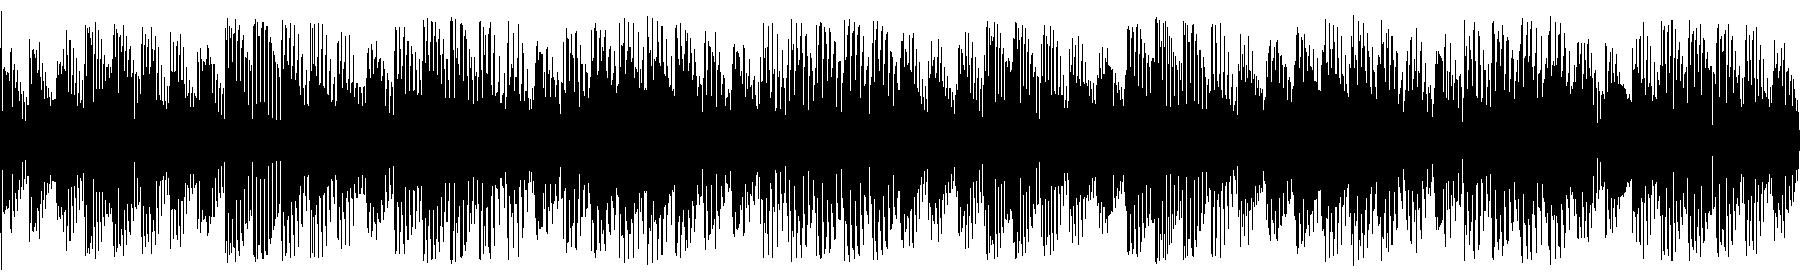 bass8 165